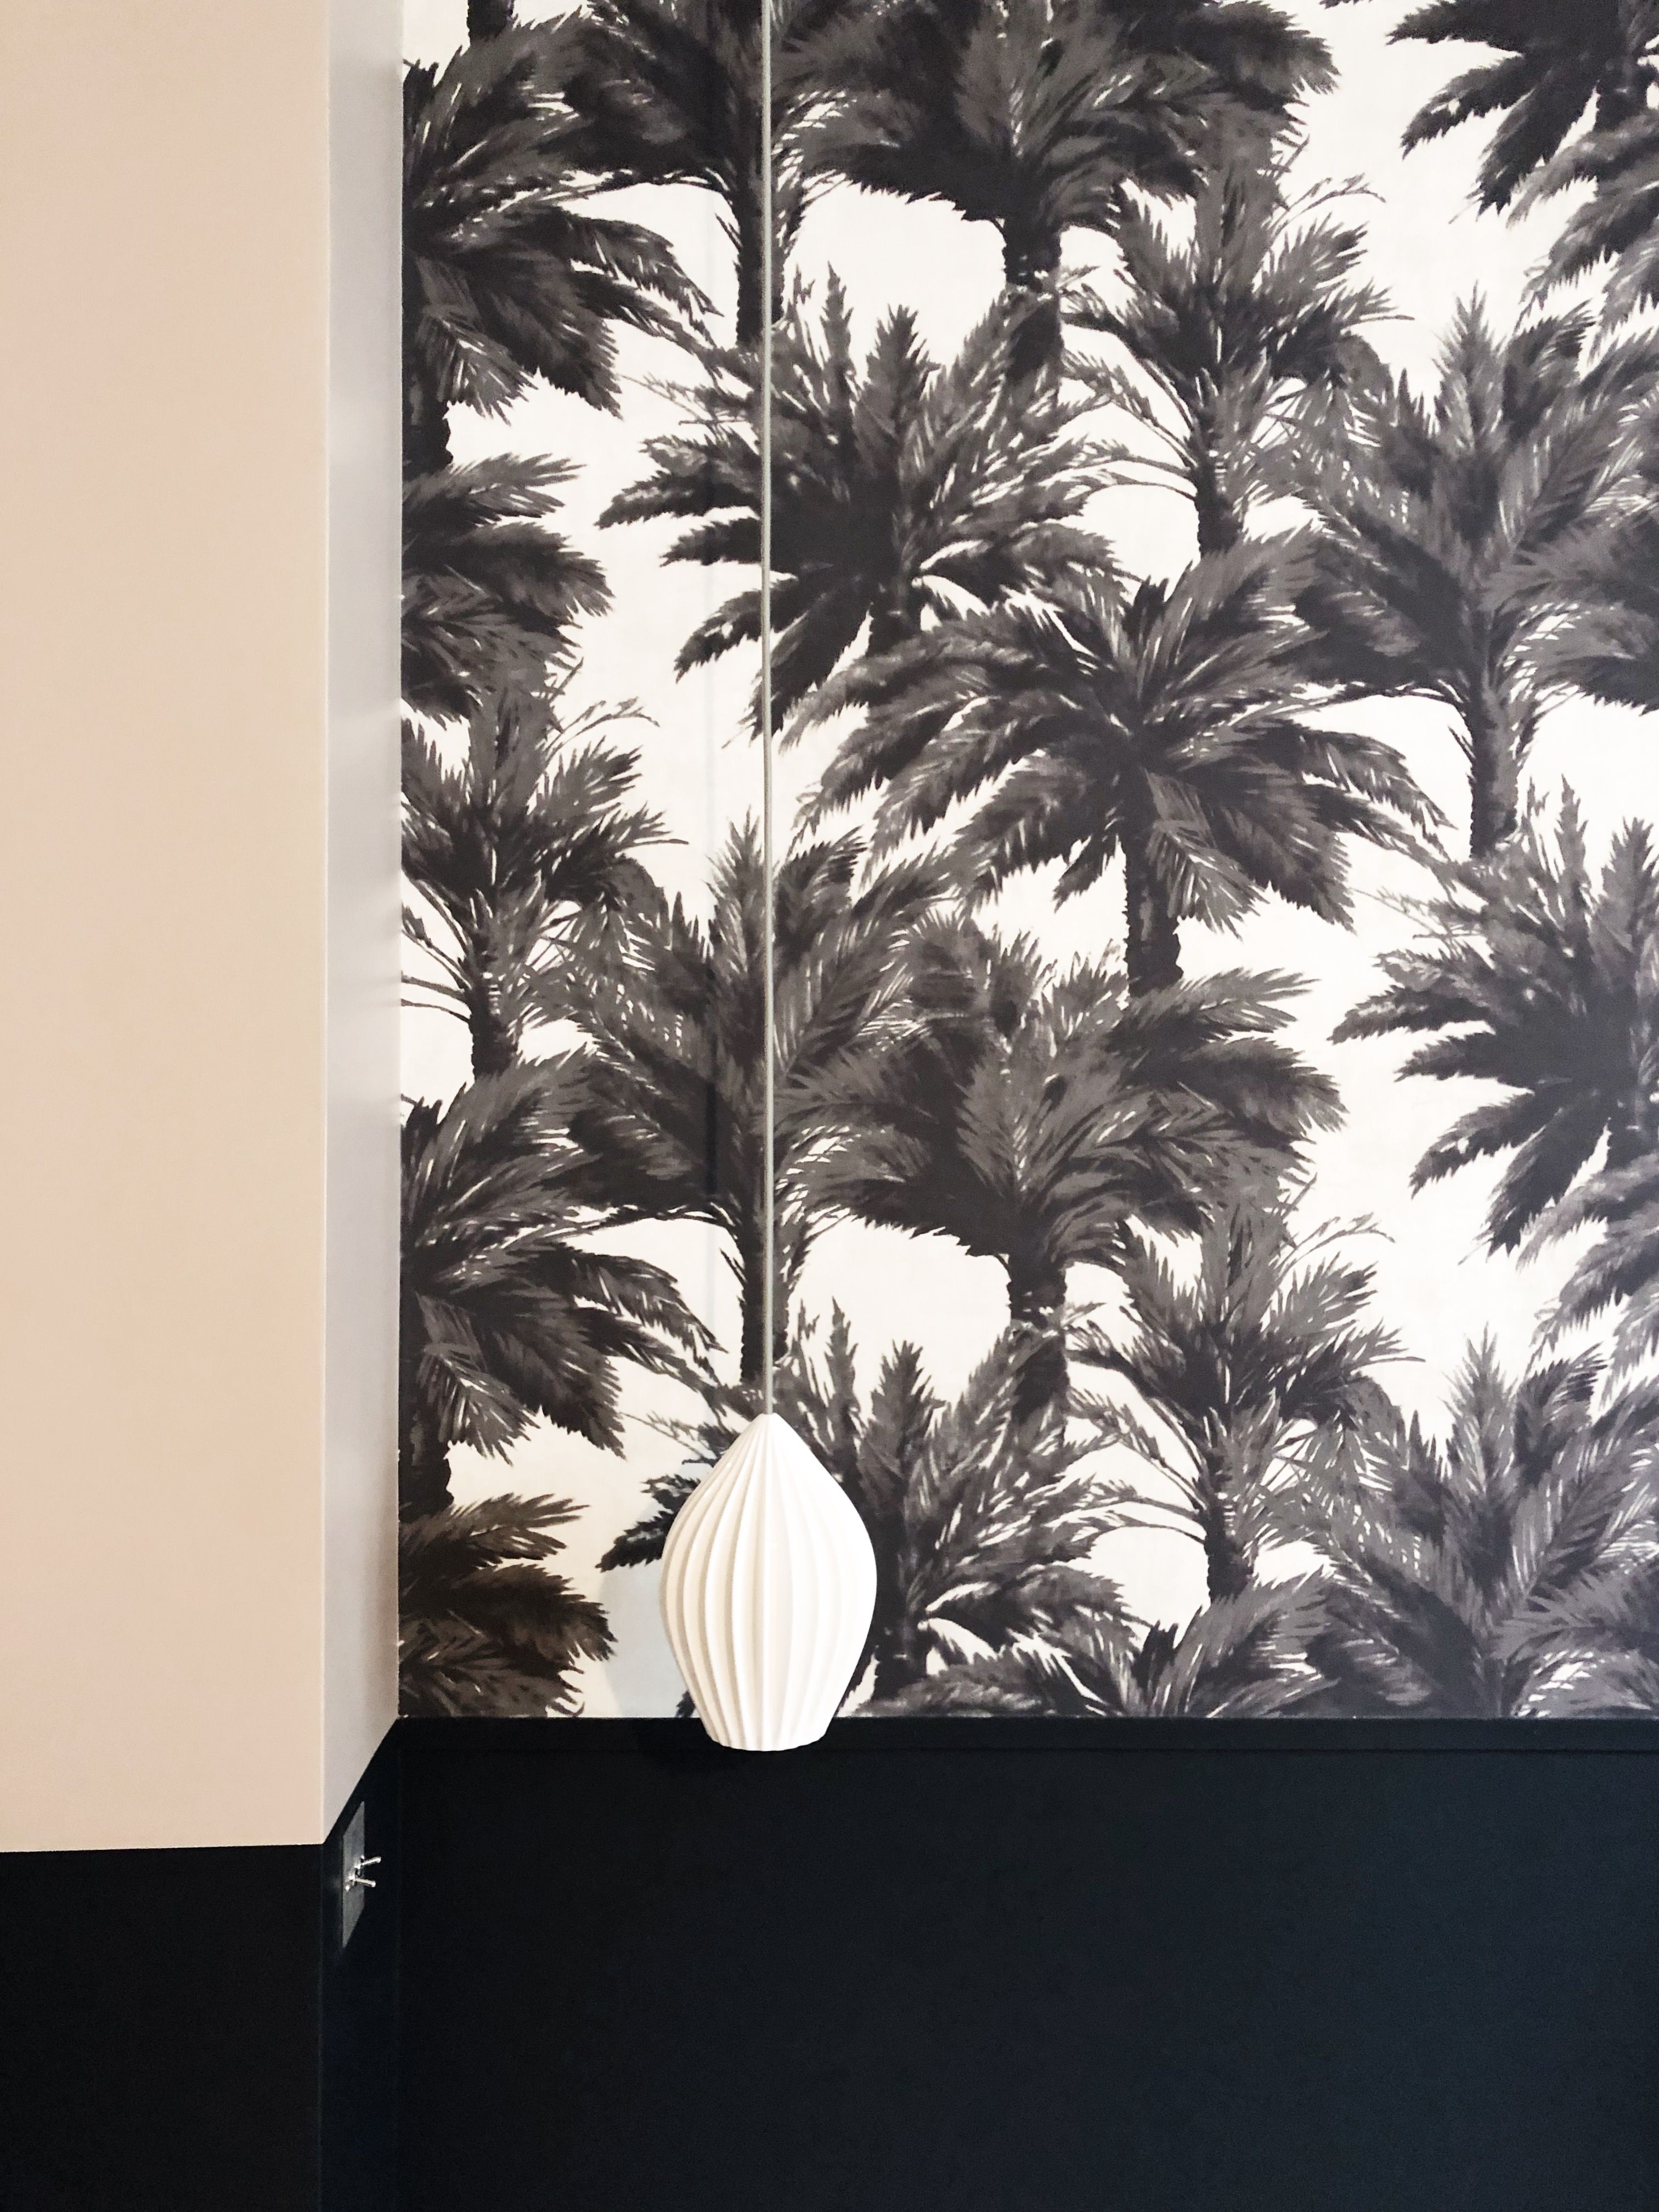 Papier Peint Pierre Frey coup d'oeil sur ce papier peint mauritius de la maison